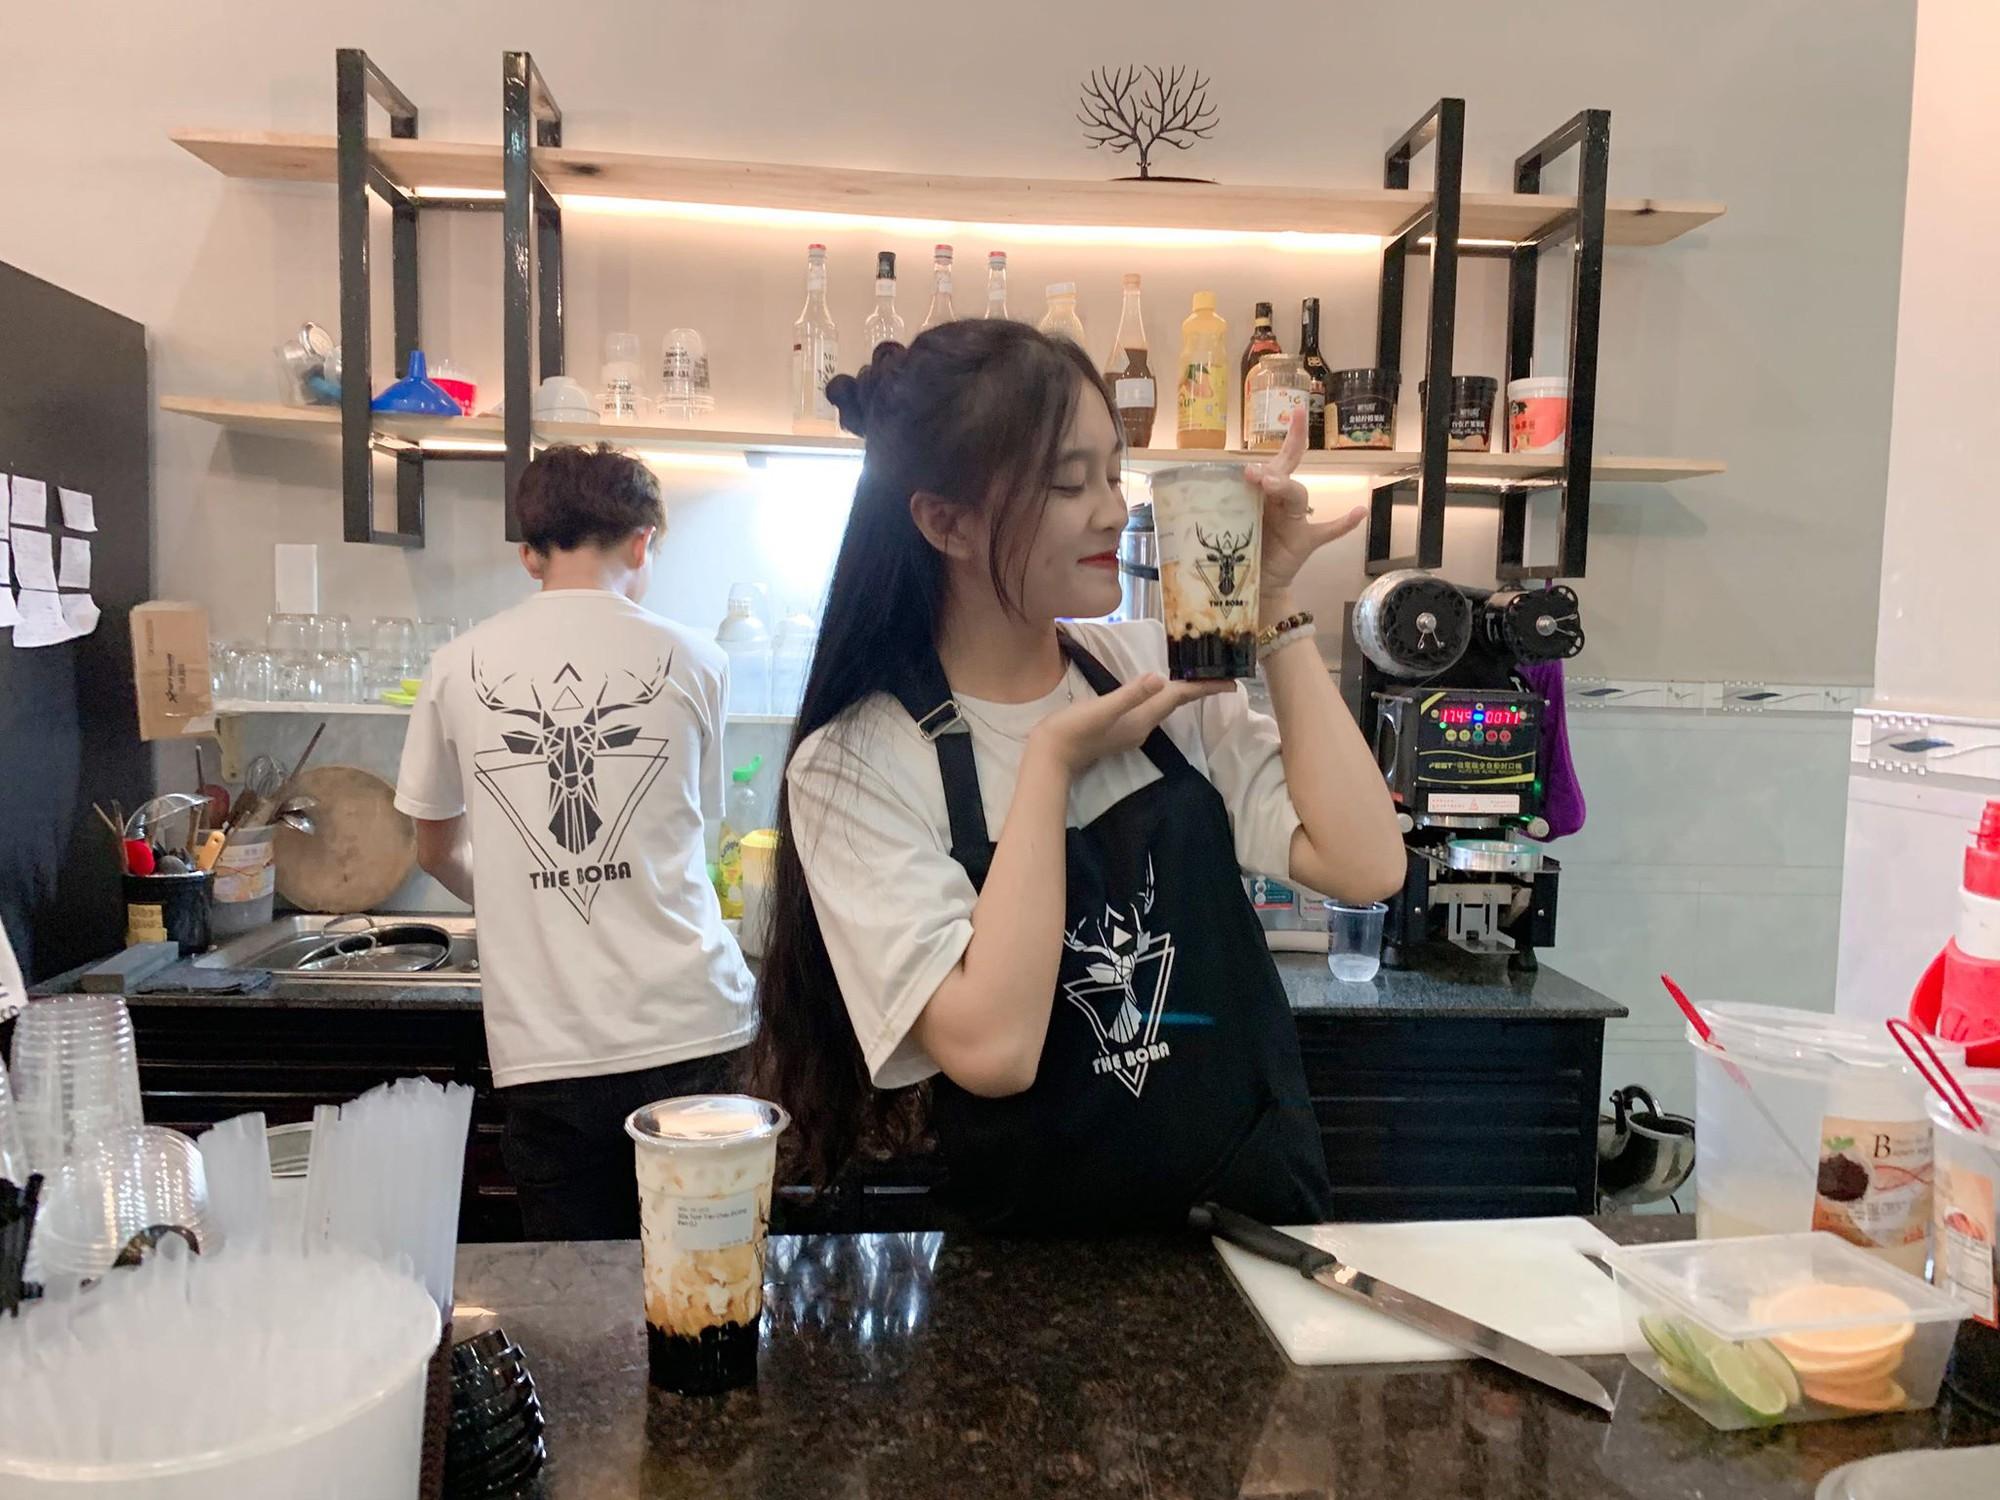 Nữ sinh Đồng Nai nổi như cồn sau một lần bị đăng ảnh trên Facebook, được khen giống Han Sara nhưng dễ thương hơn-11